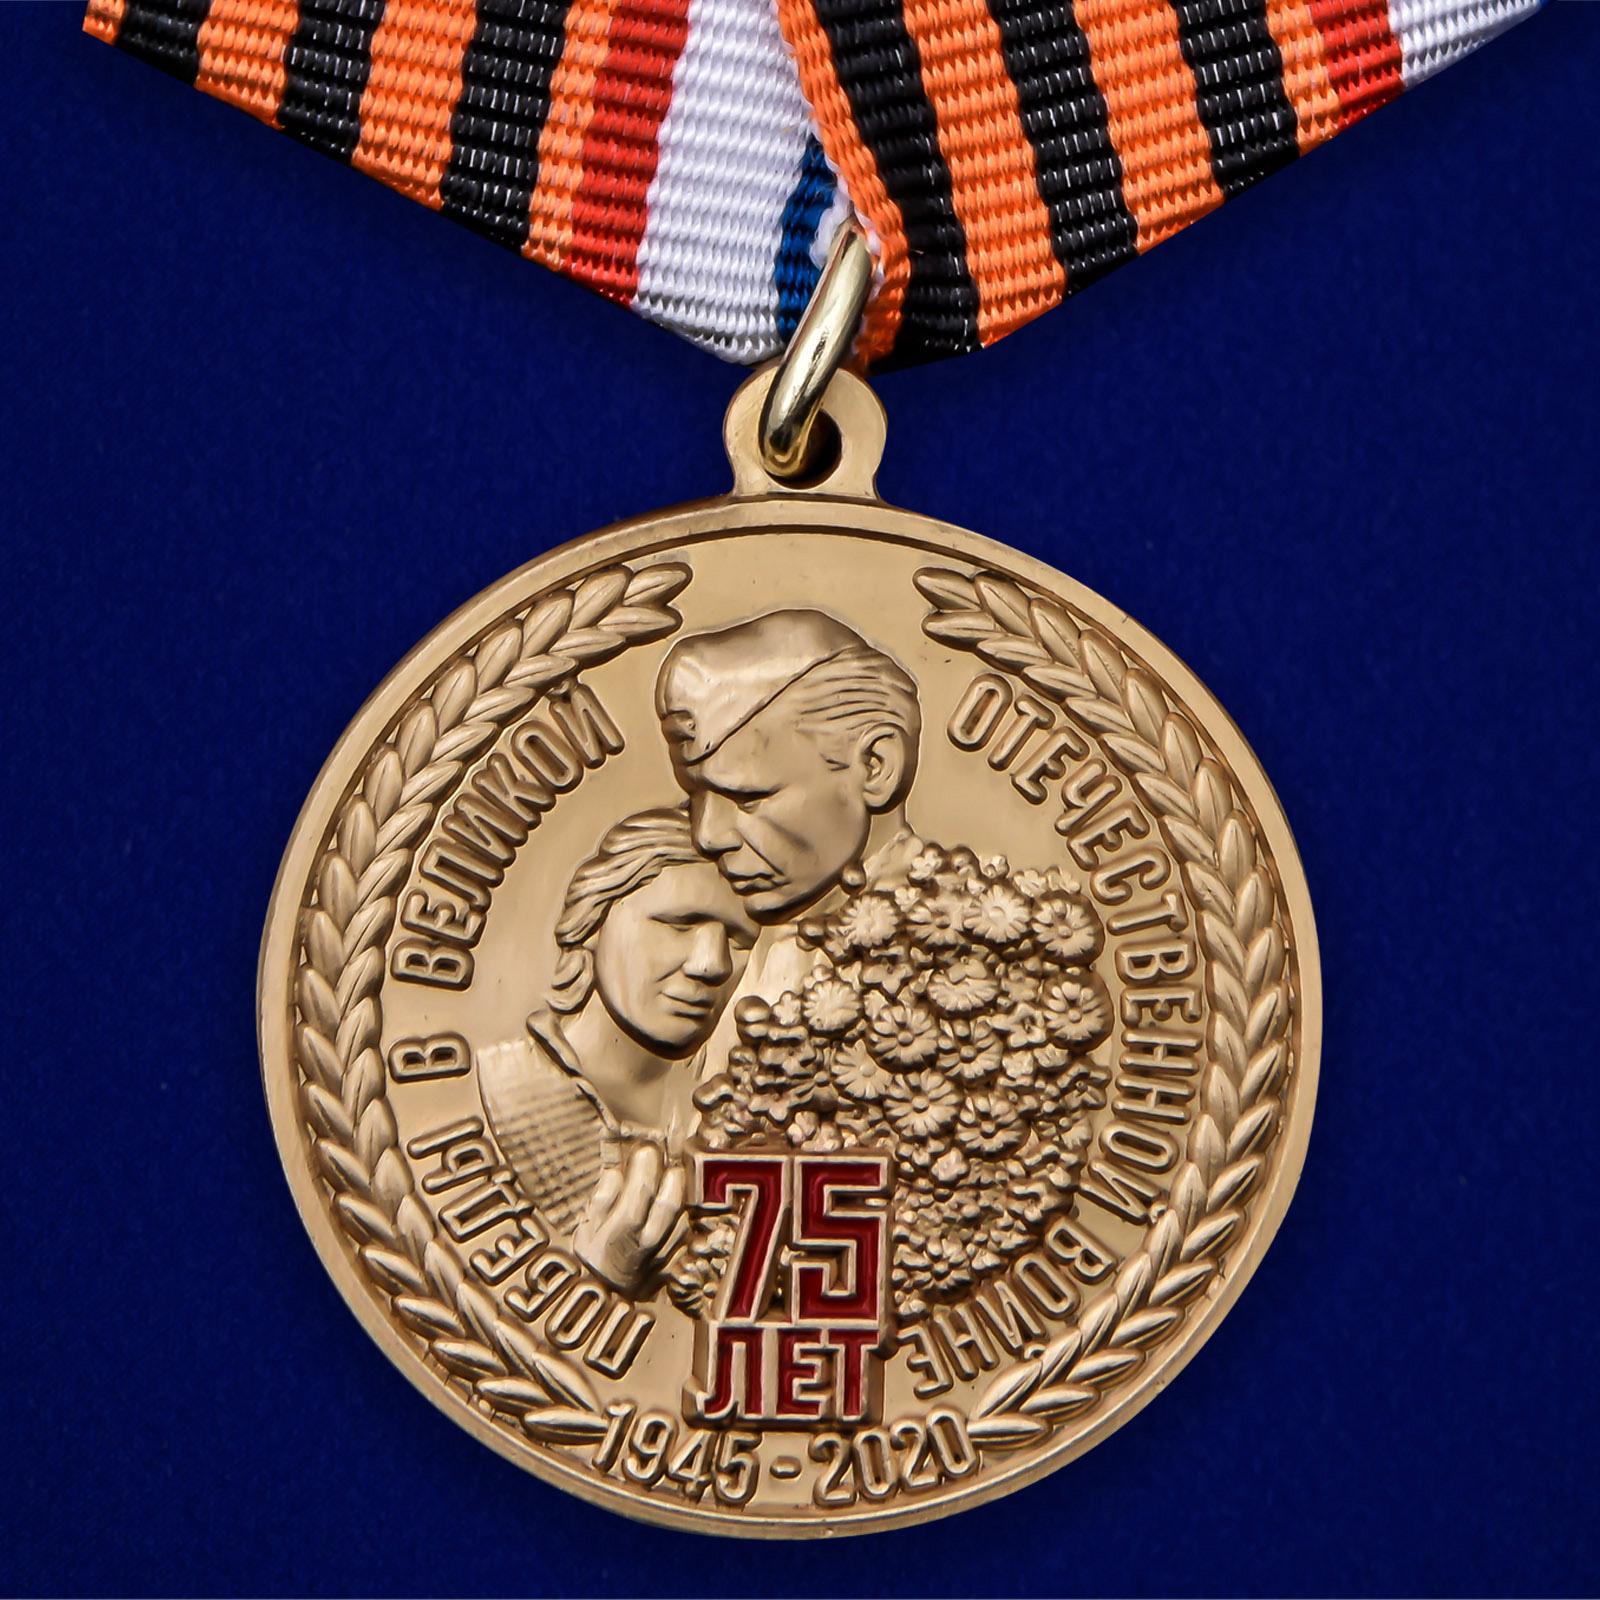 Купить медаль День Победы в ВОВ Республика Крым на подставке онлайн